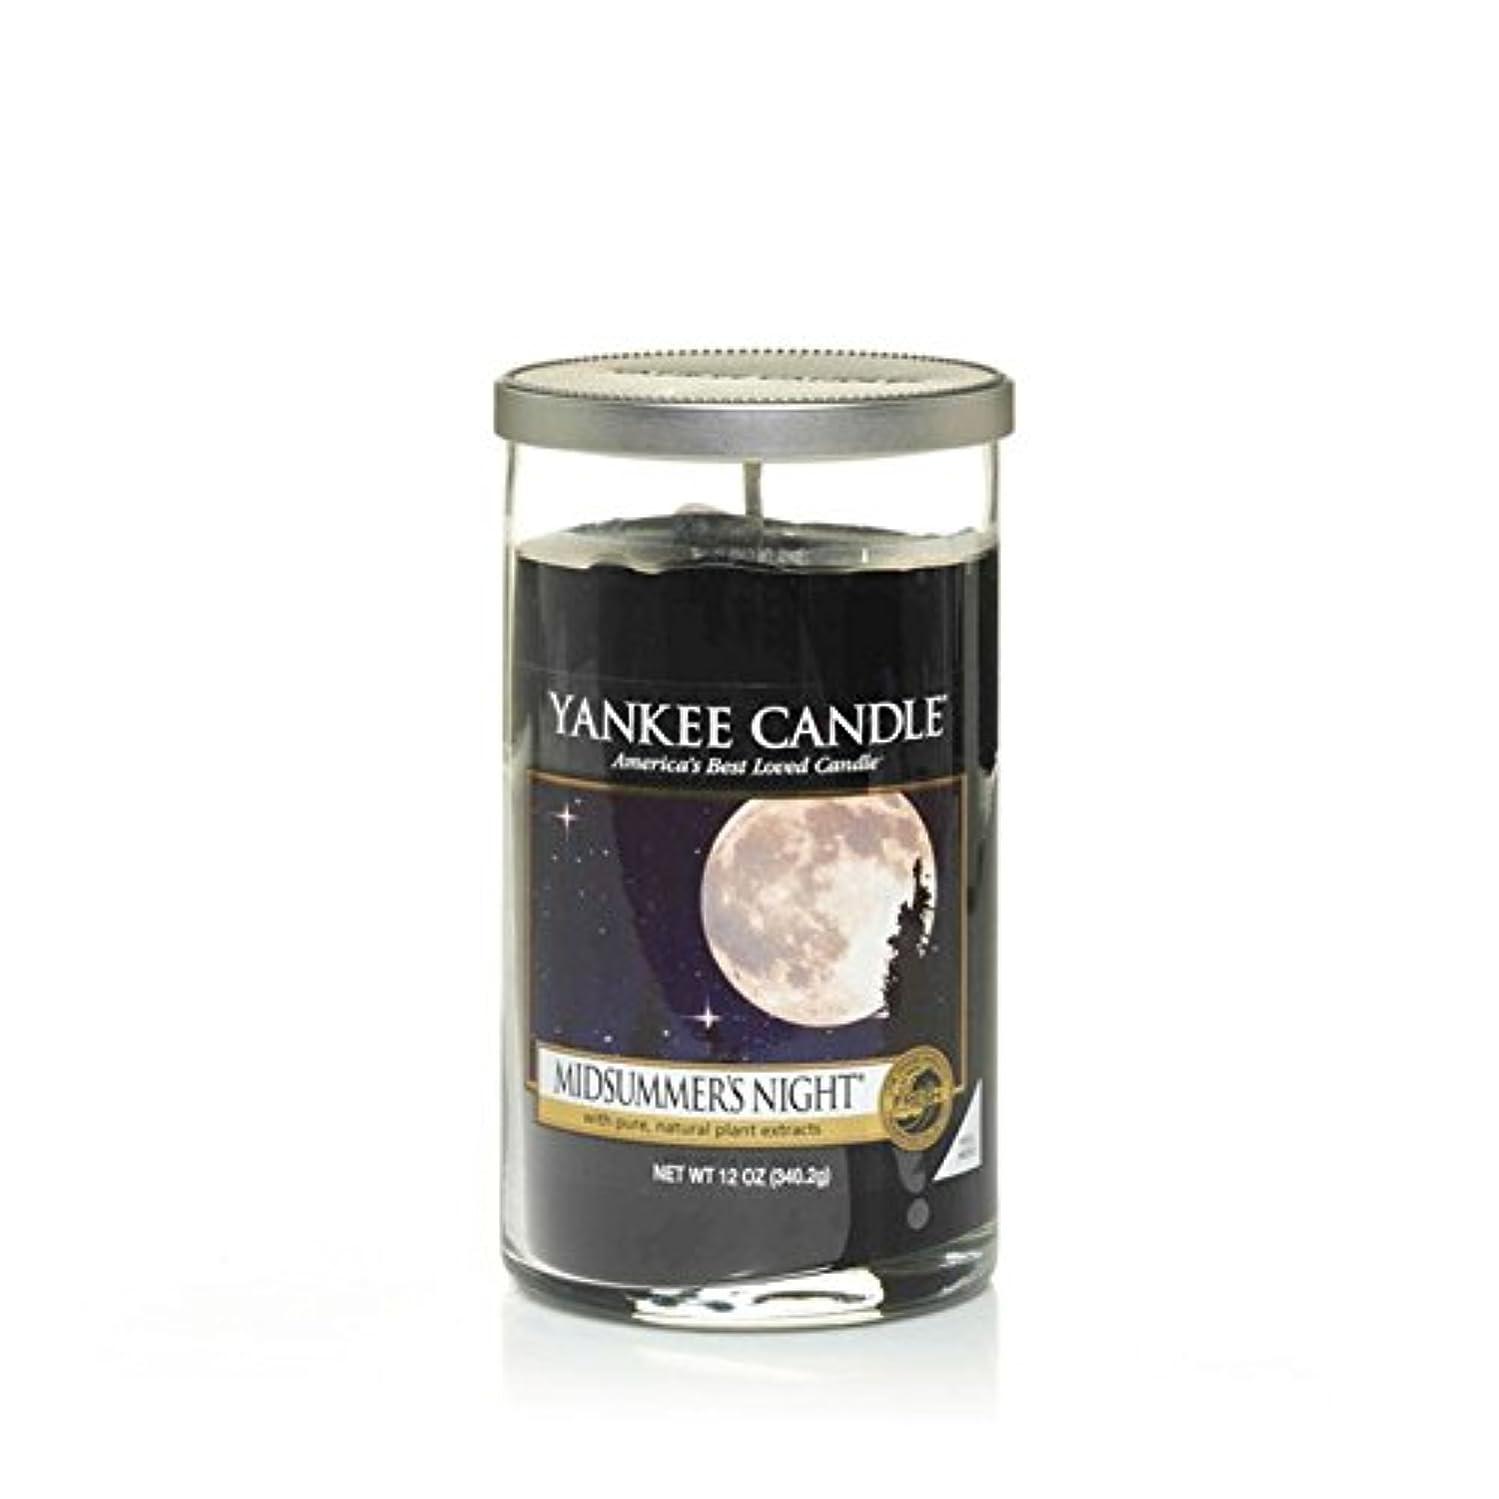 長椅子ルビー有益Yankee Candles Medium Pillar Candle - Midsummers Night (Pack of 2) - ヤンキーキャンドルメディアピラーキャンドル - Midsummersの夜 (x2)...